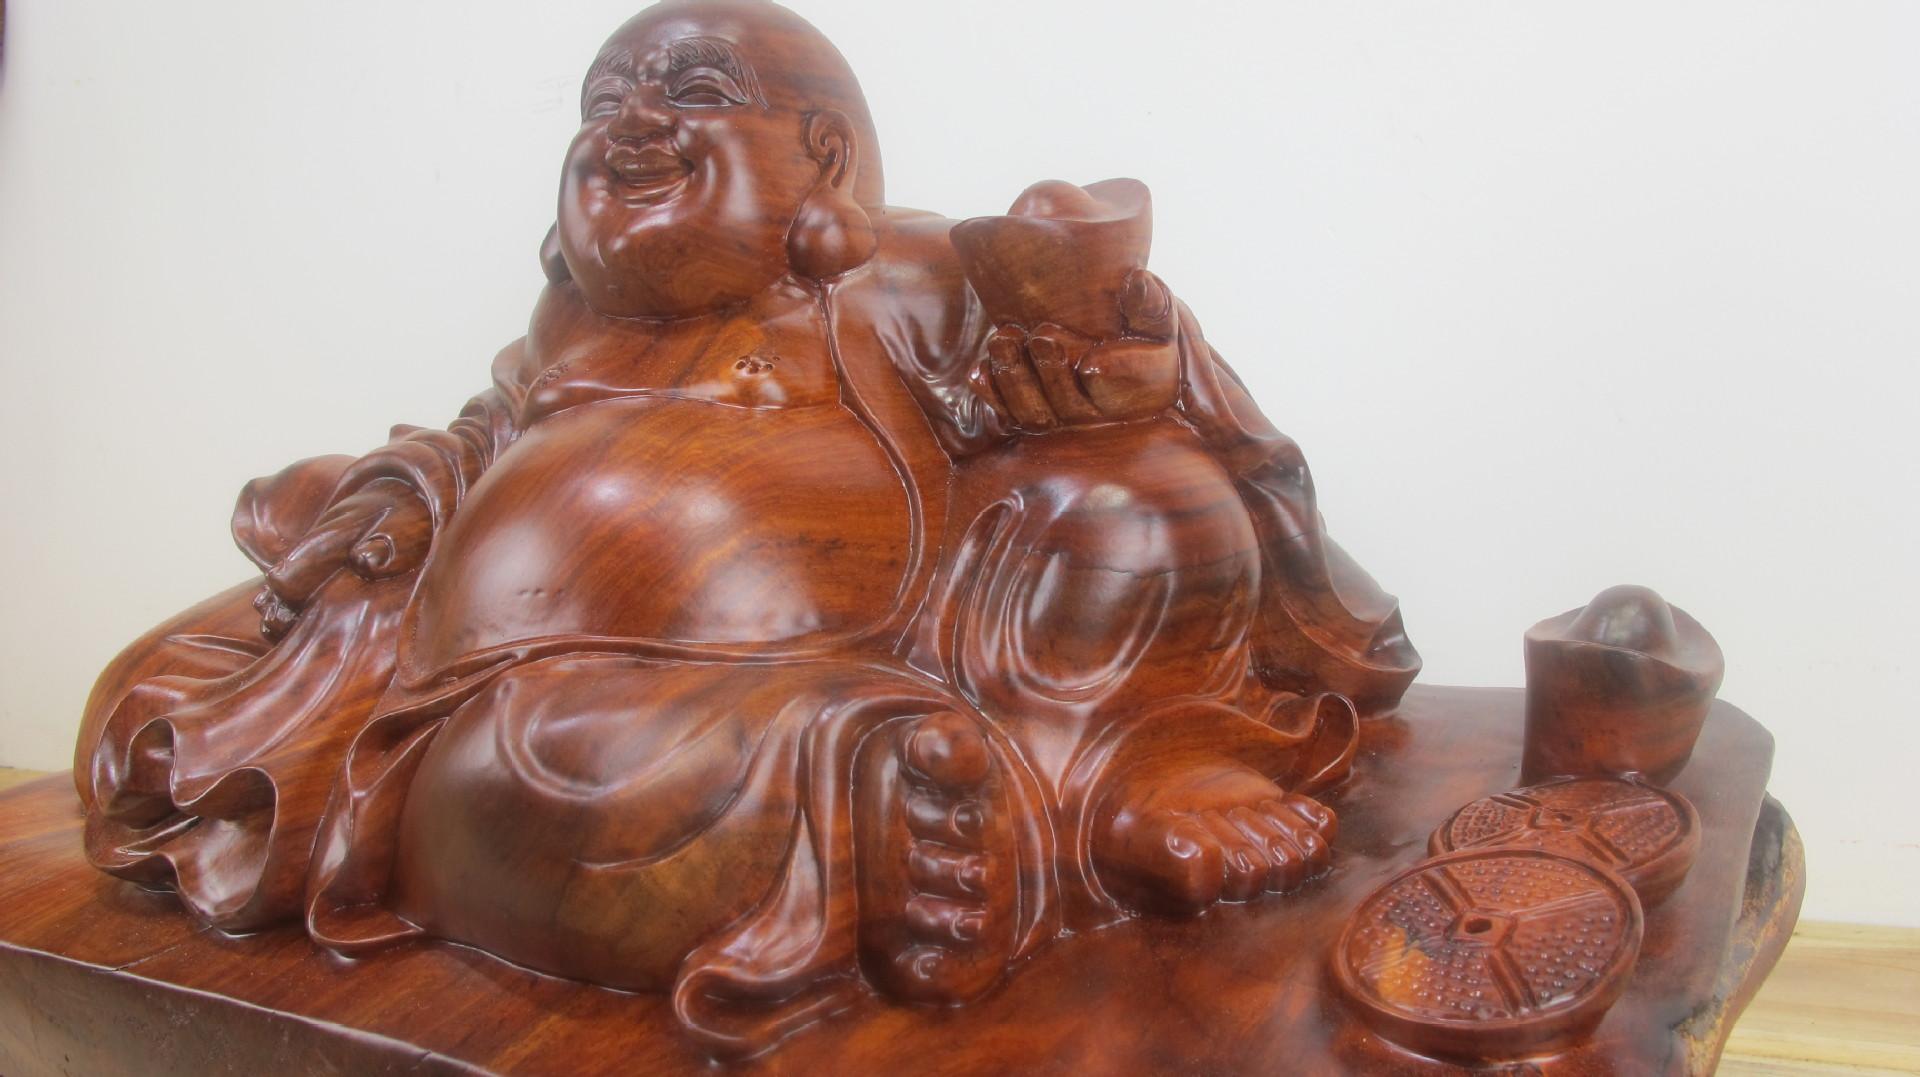 弥勒佛 实木根雕摆件 家居根雕工艺品 -价格,厂家,图片,木质 竹